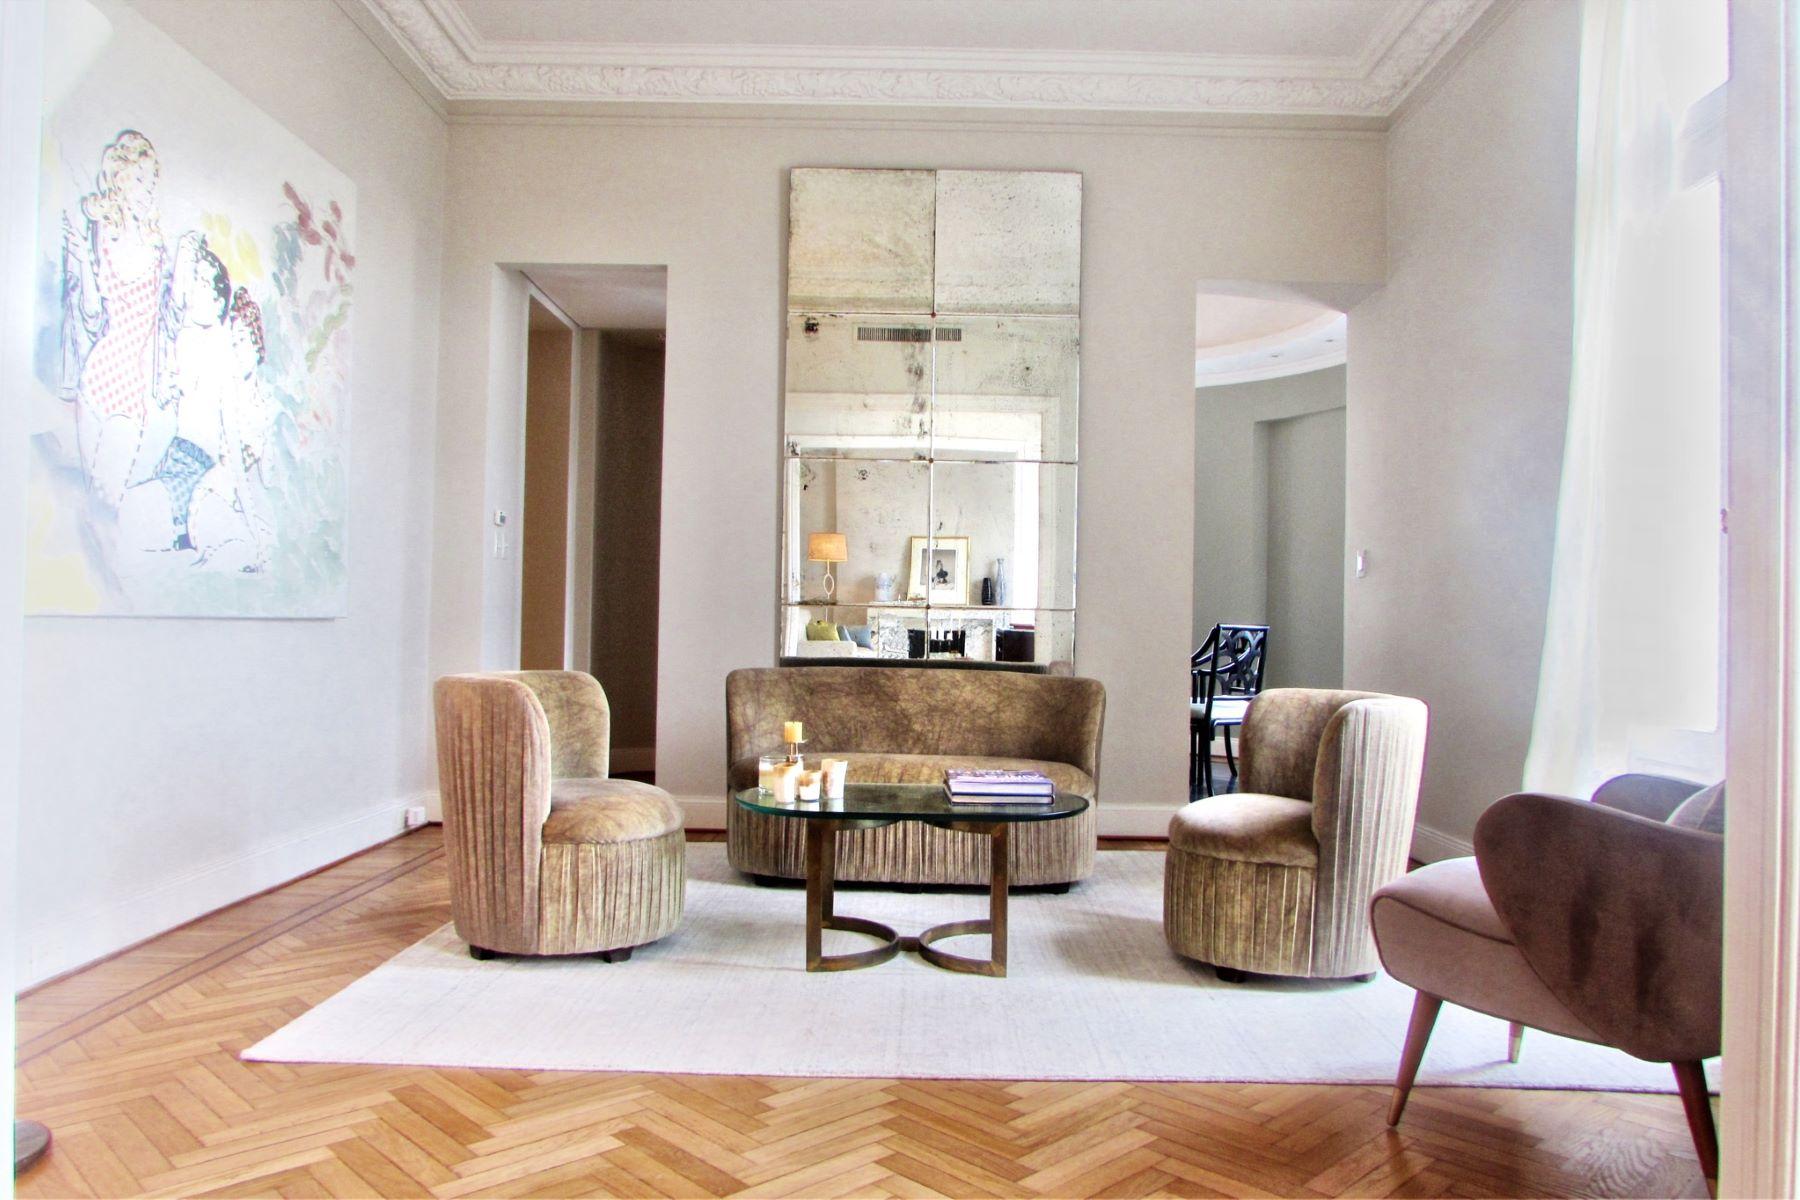 Immobilie zu vermieten Buenos Aires